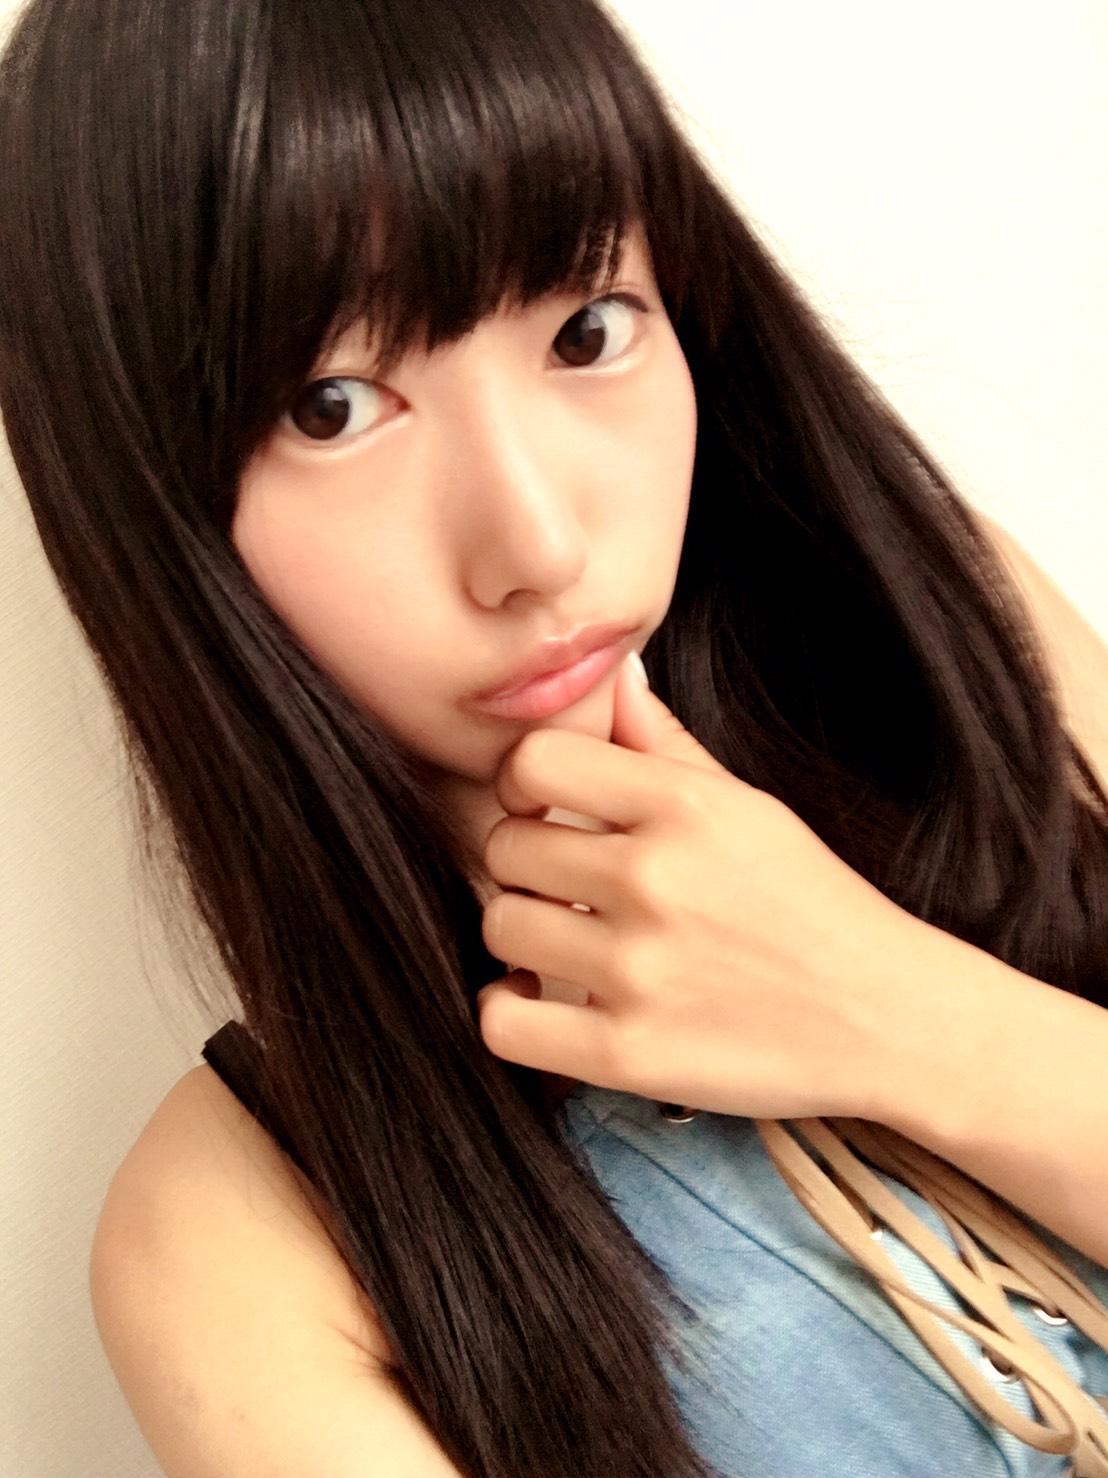 夏野香波   9月9日(土)『渋谷原宿女子会議』#3